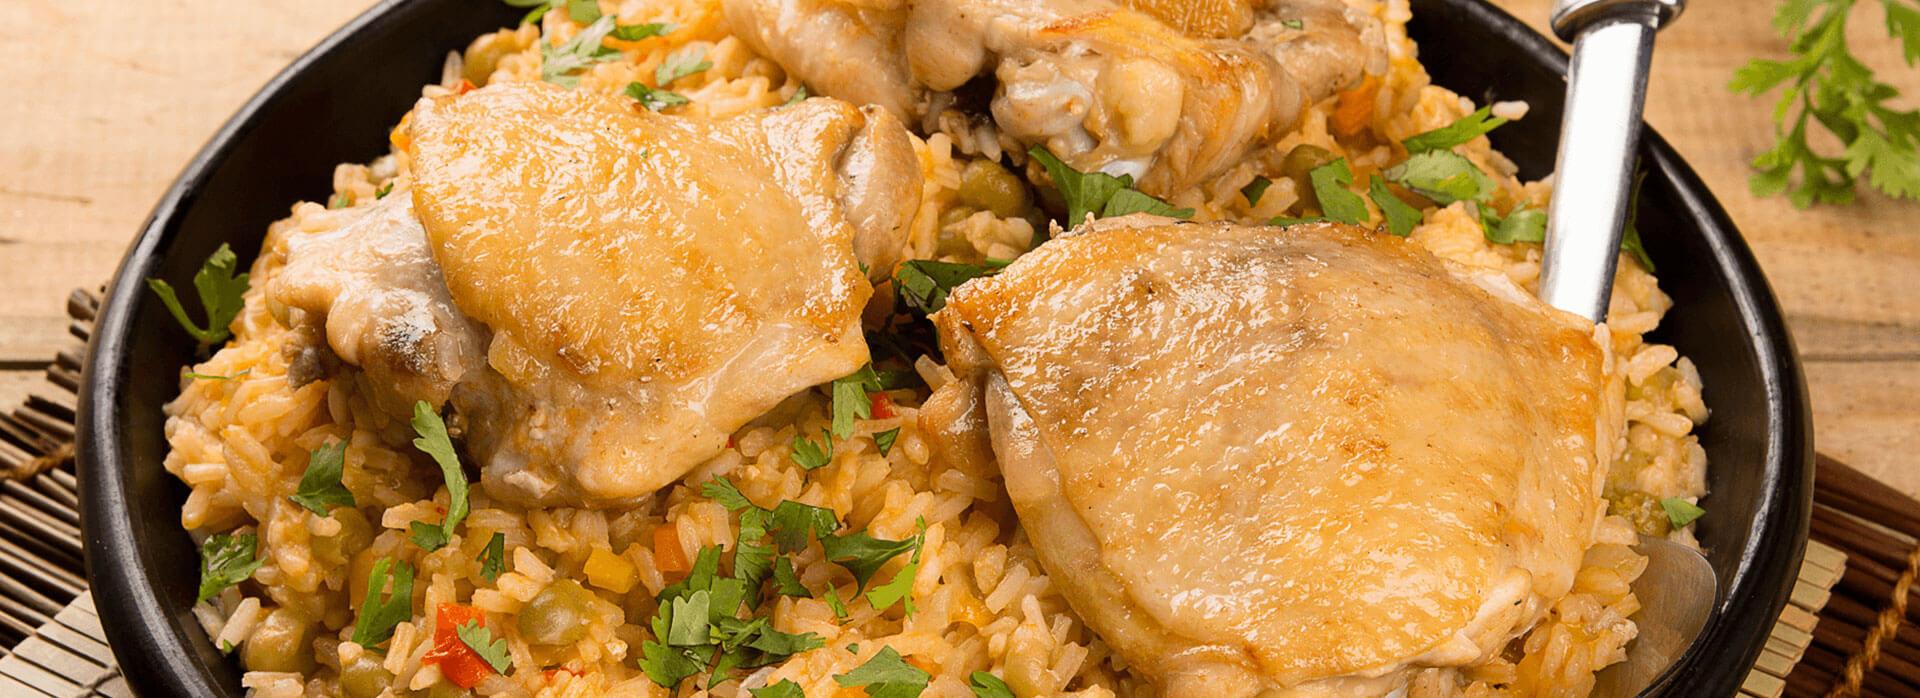 Cómo preparar arroz caldoso con contramuslos